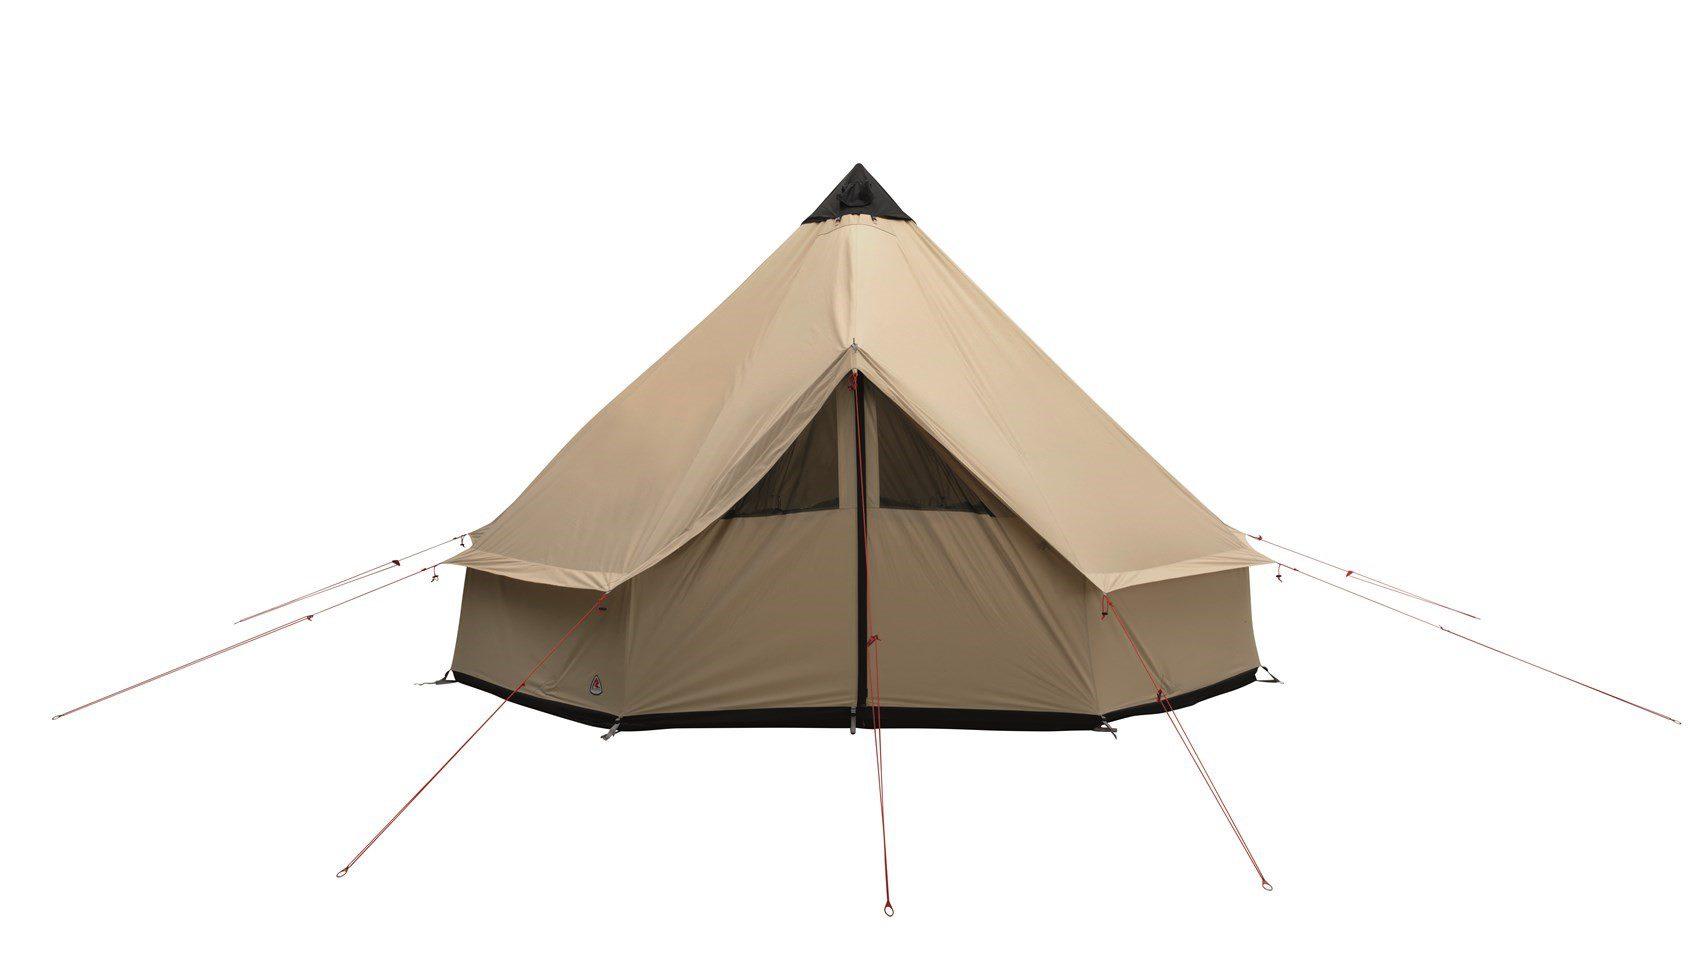 Robens Klondike Grande Tipi Tent front view 2018